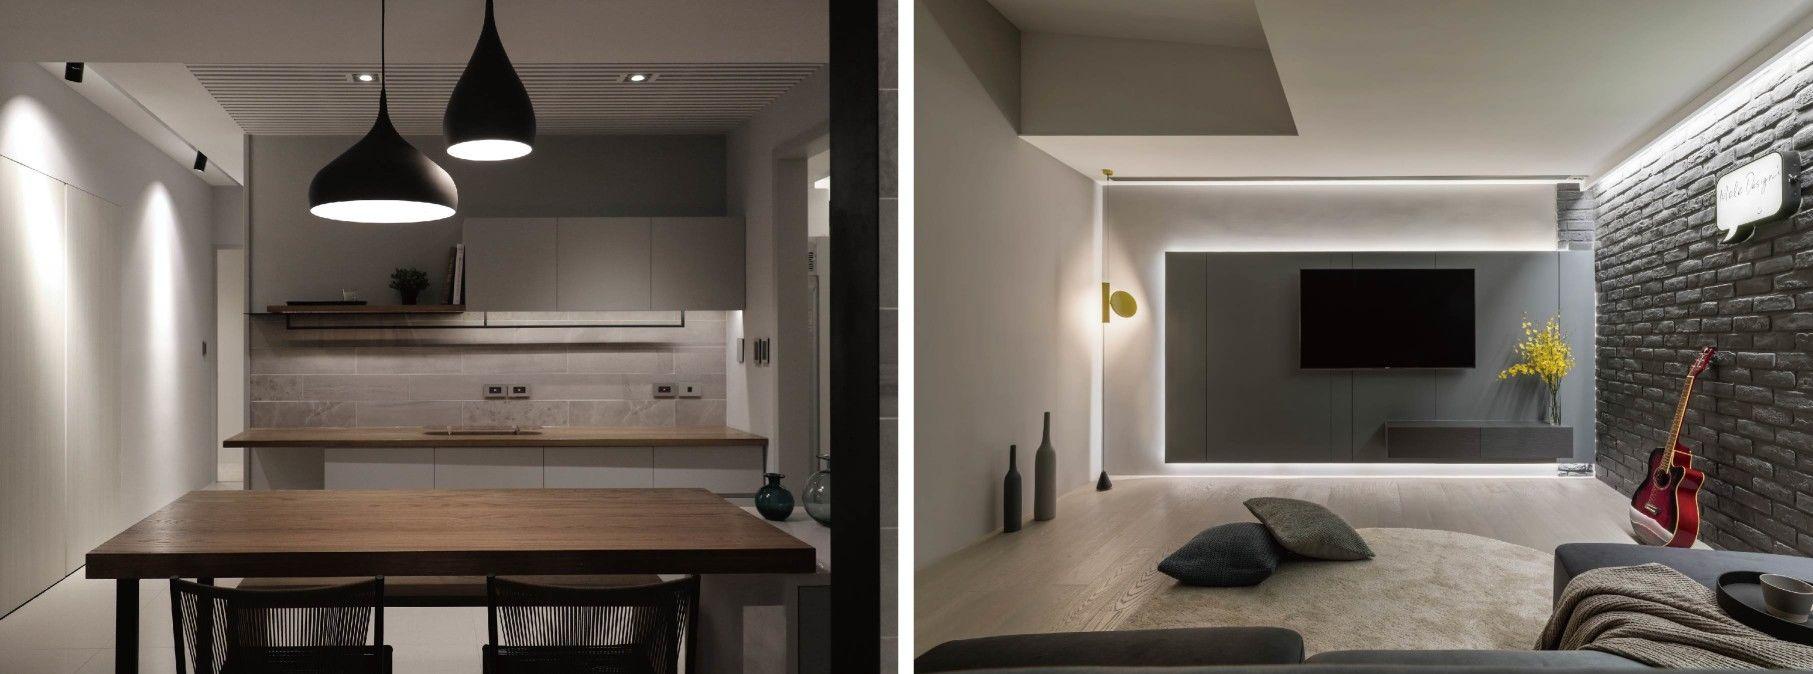 分子室內裝修設計-住宅空間室內設計、照明規劃